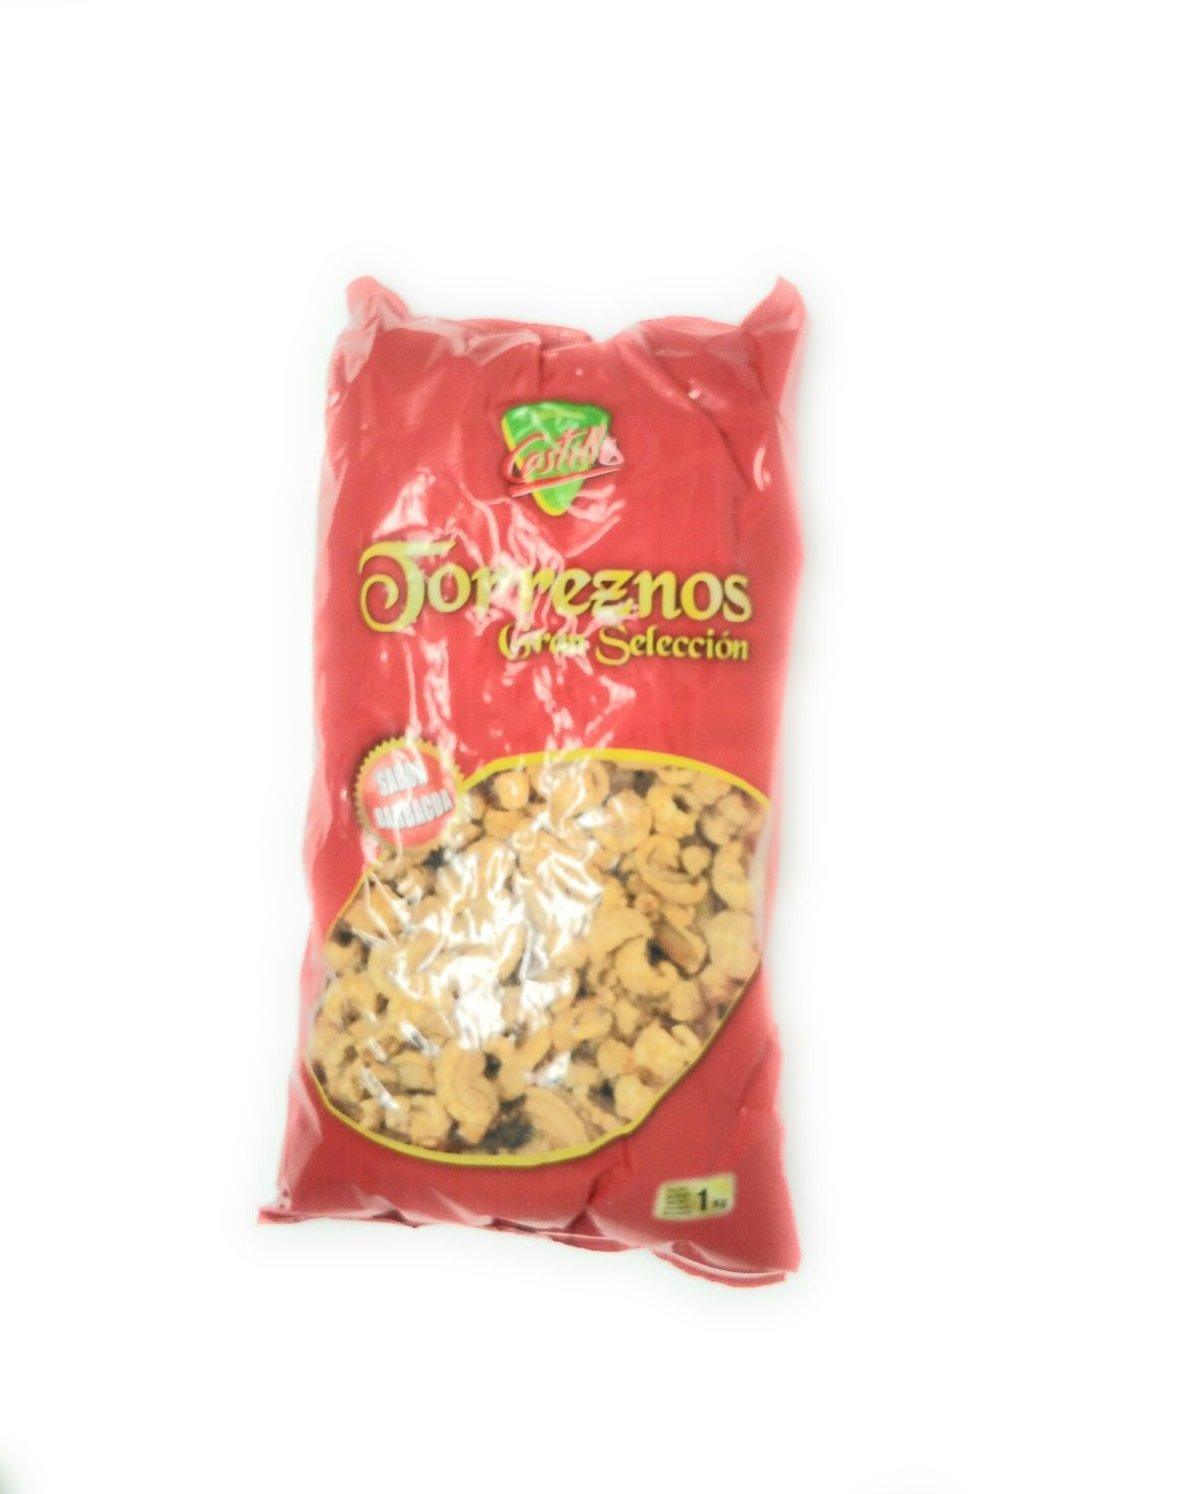 torreznos gran selección sabor barbacoa 1 kg: Amazon.es: Salud y cuidado personal